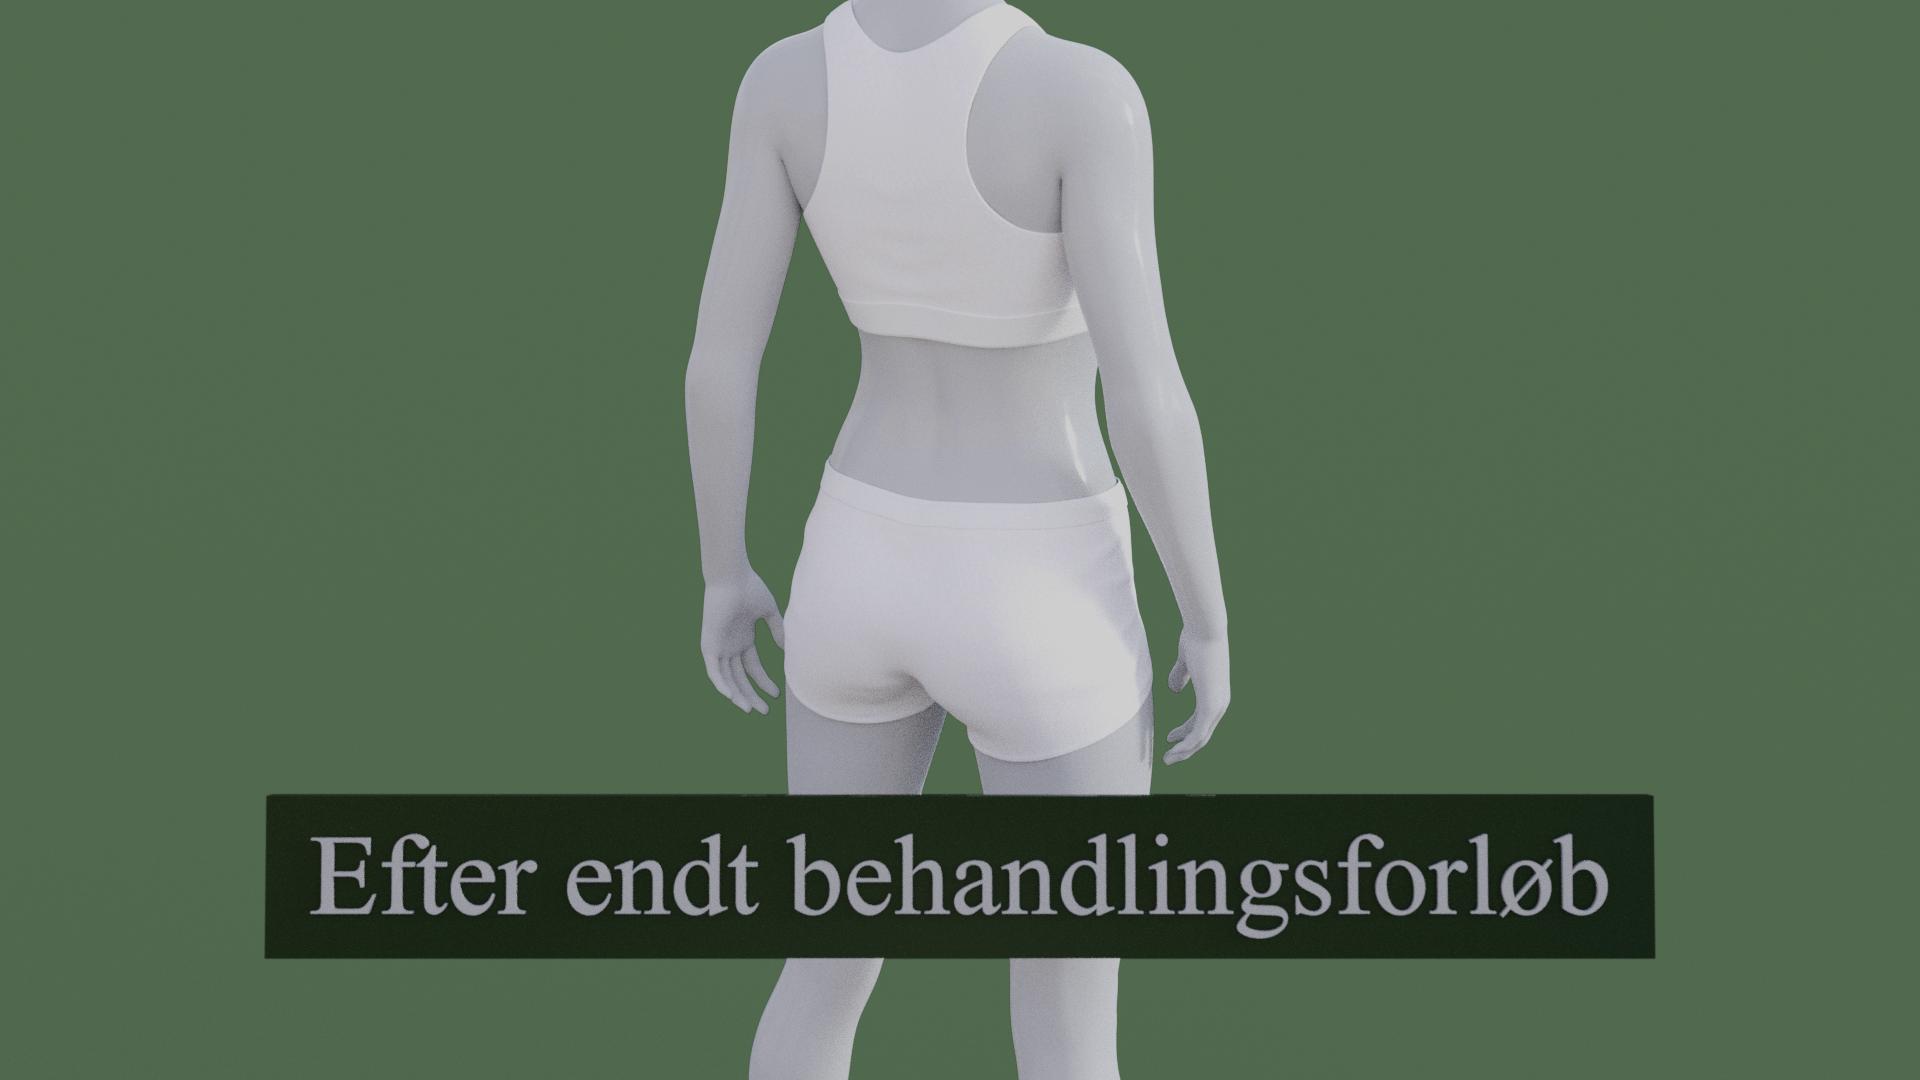 Billedet viser den samme 3D figur, men uden lændesmerter. 3D figuren er helbredt.